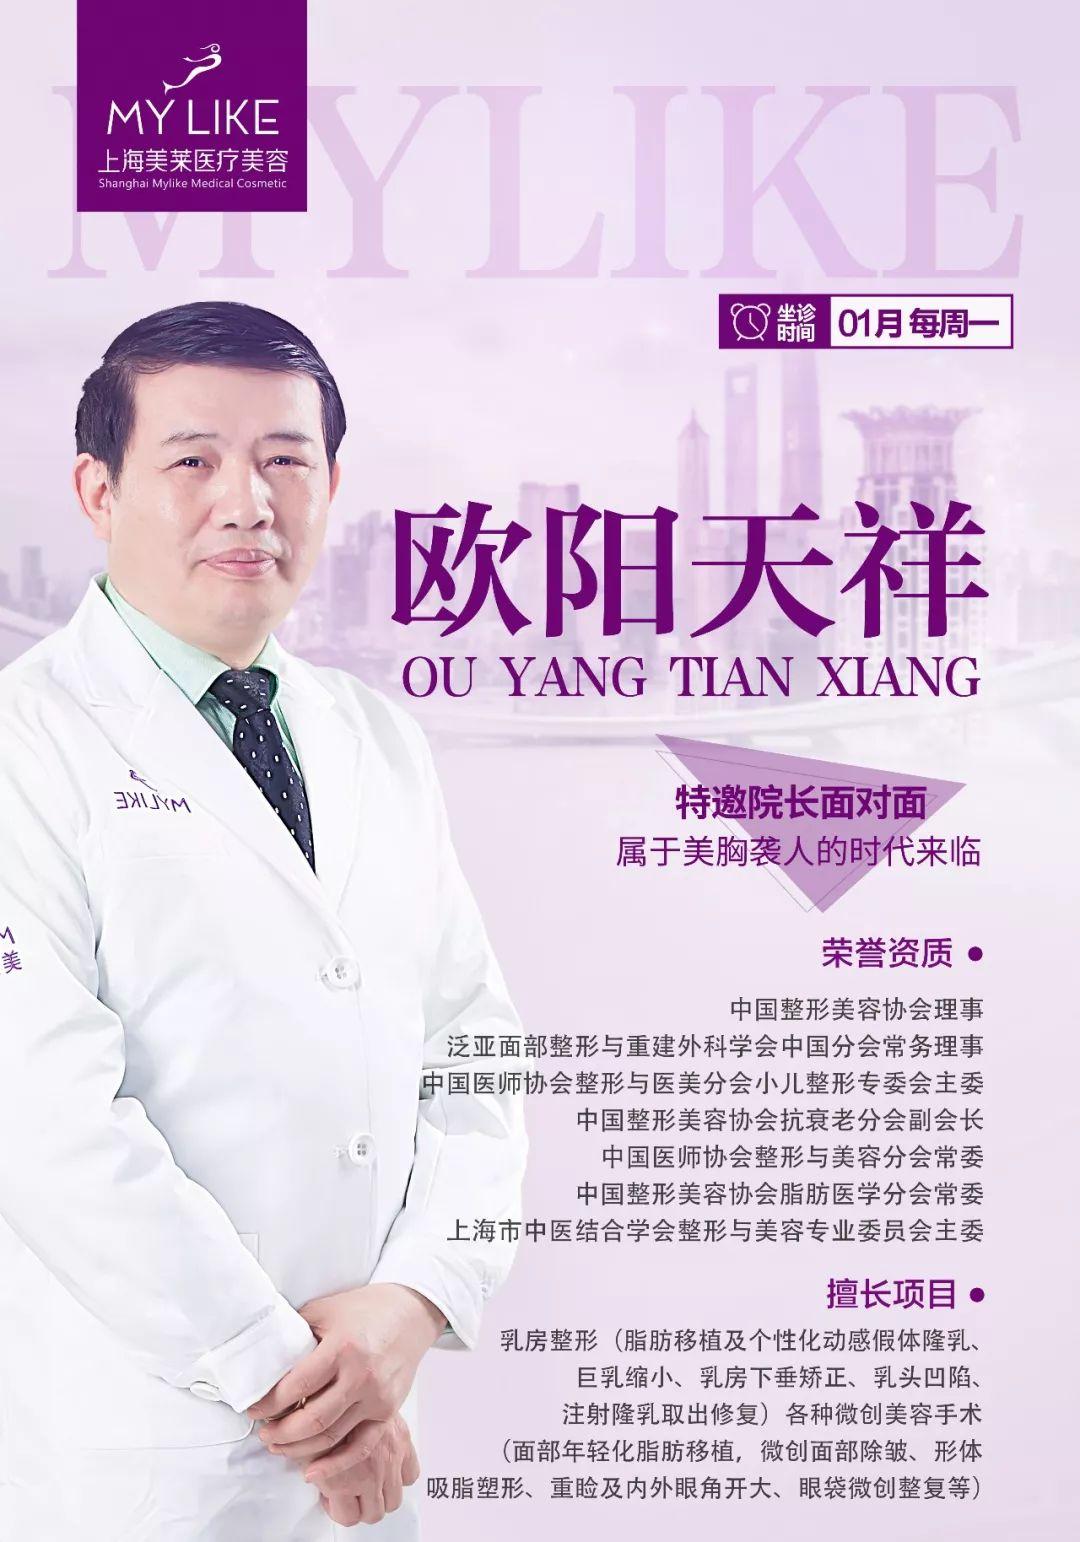 美莱胸部整形医师欧阳天祥